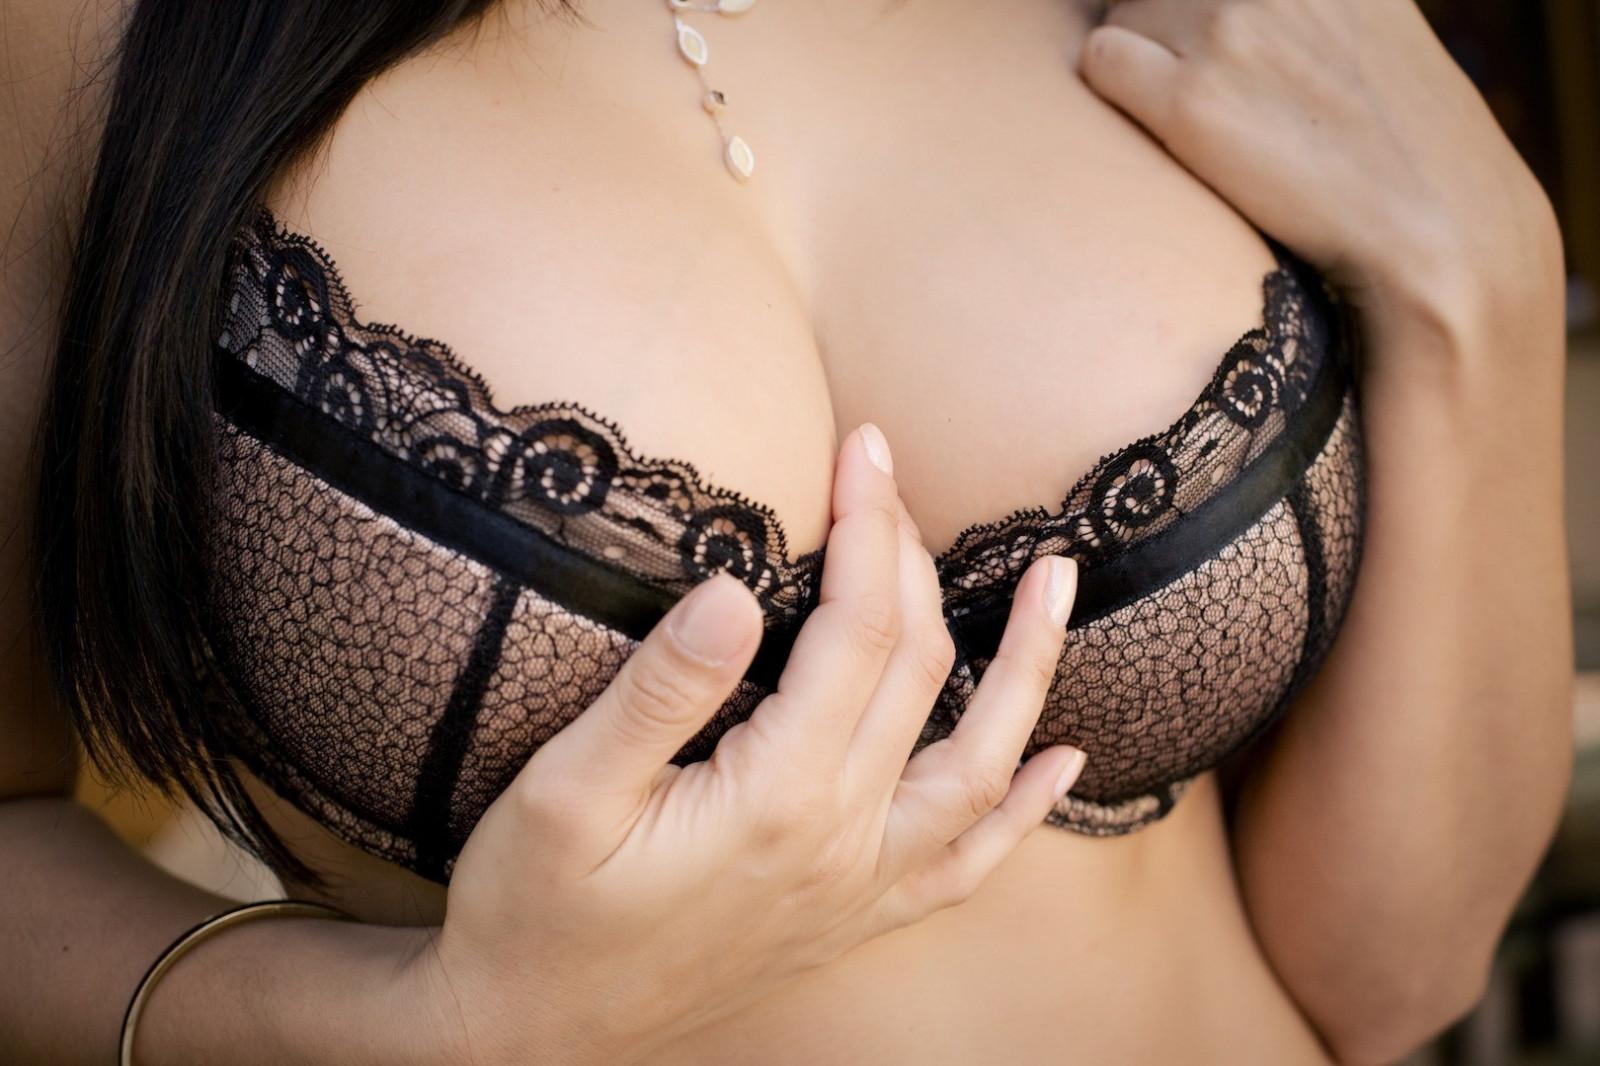 Порно эро фото лифчиках